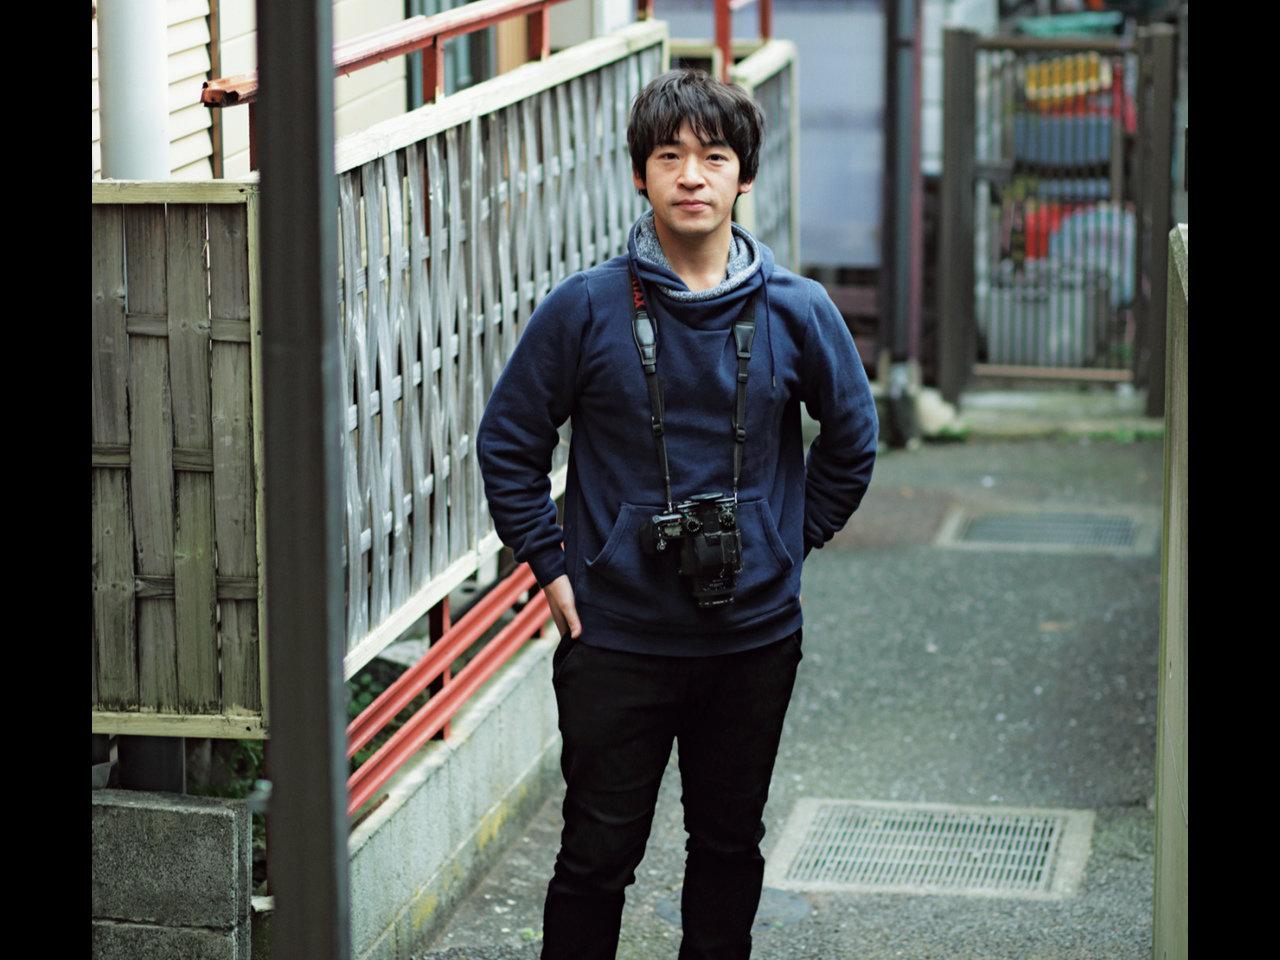 弁当配達をしながらカメラを向けた、10年間の日常。福島あつし